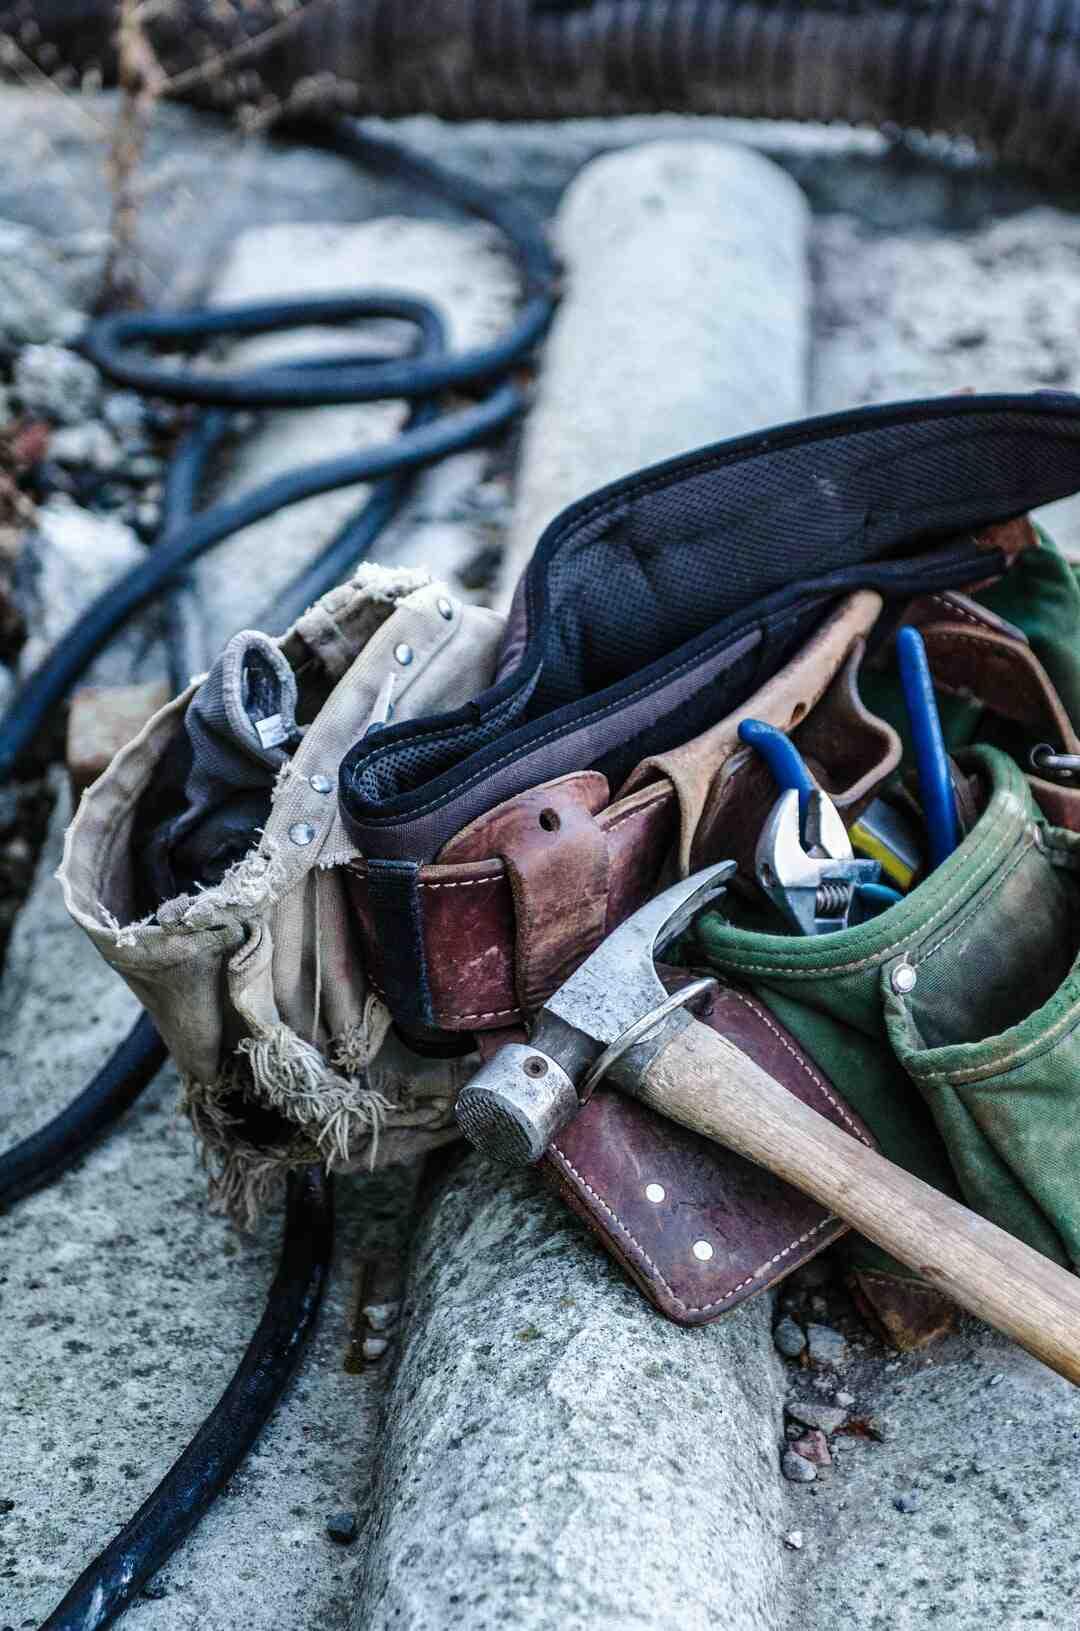 Comment devenir Conducteur d'engins de chantier : Formation, Métier, salaire,